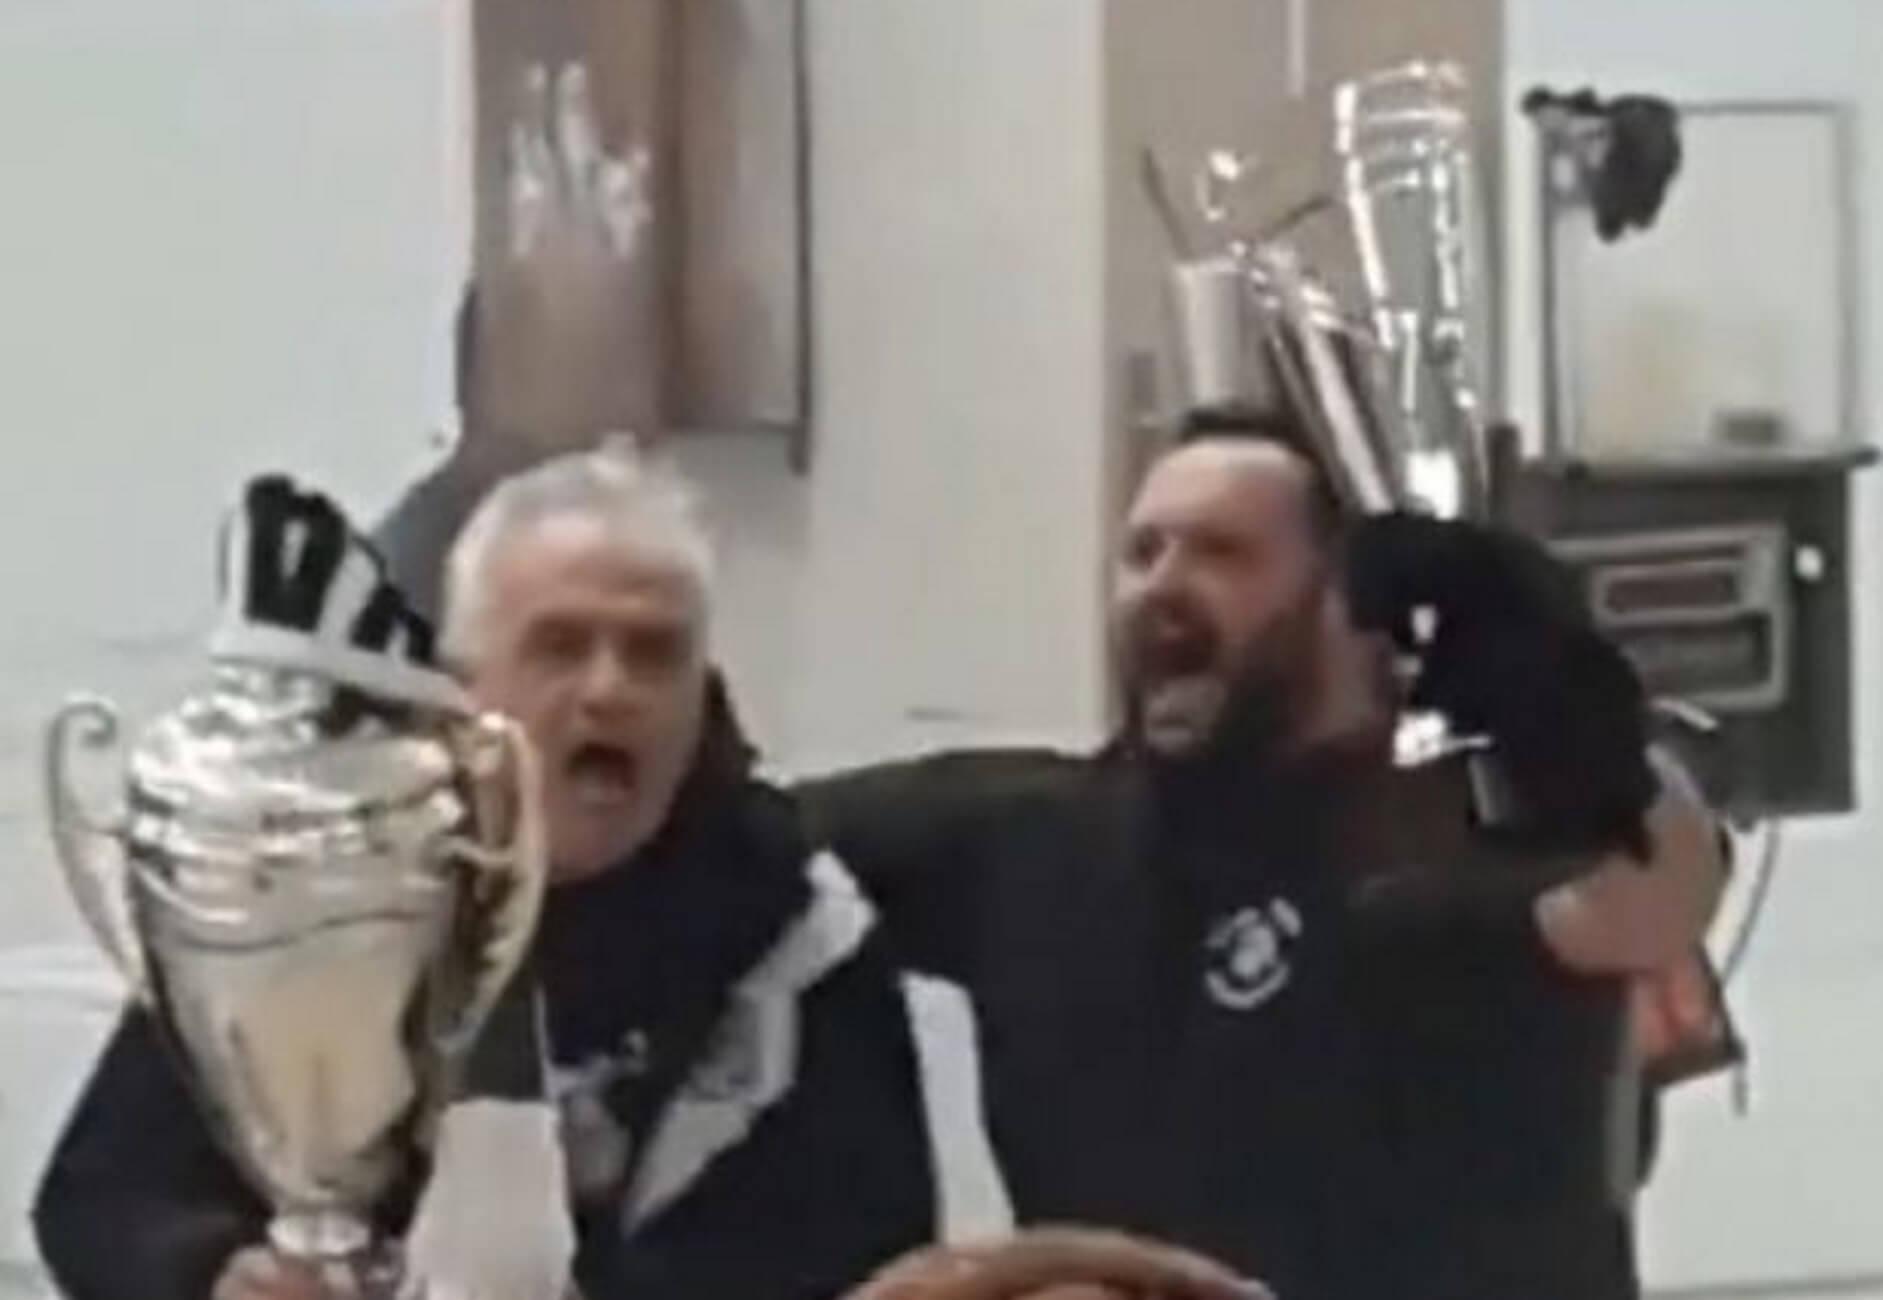 Θεσσαλονίκη: Δεν μπορούν να περιμένουν – Φιέστα για τον ΠΑΟΚ στην ιχθυόσκαλα της Νέας Μηχανιώνας – video